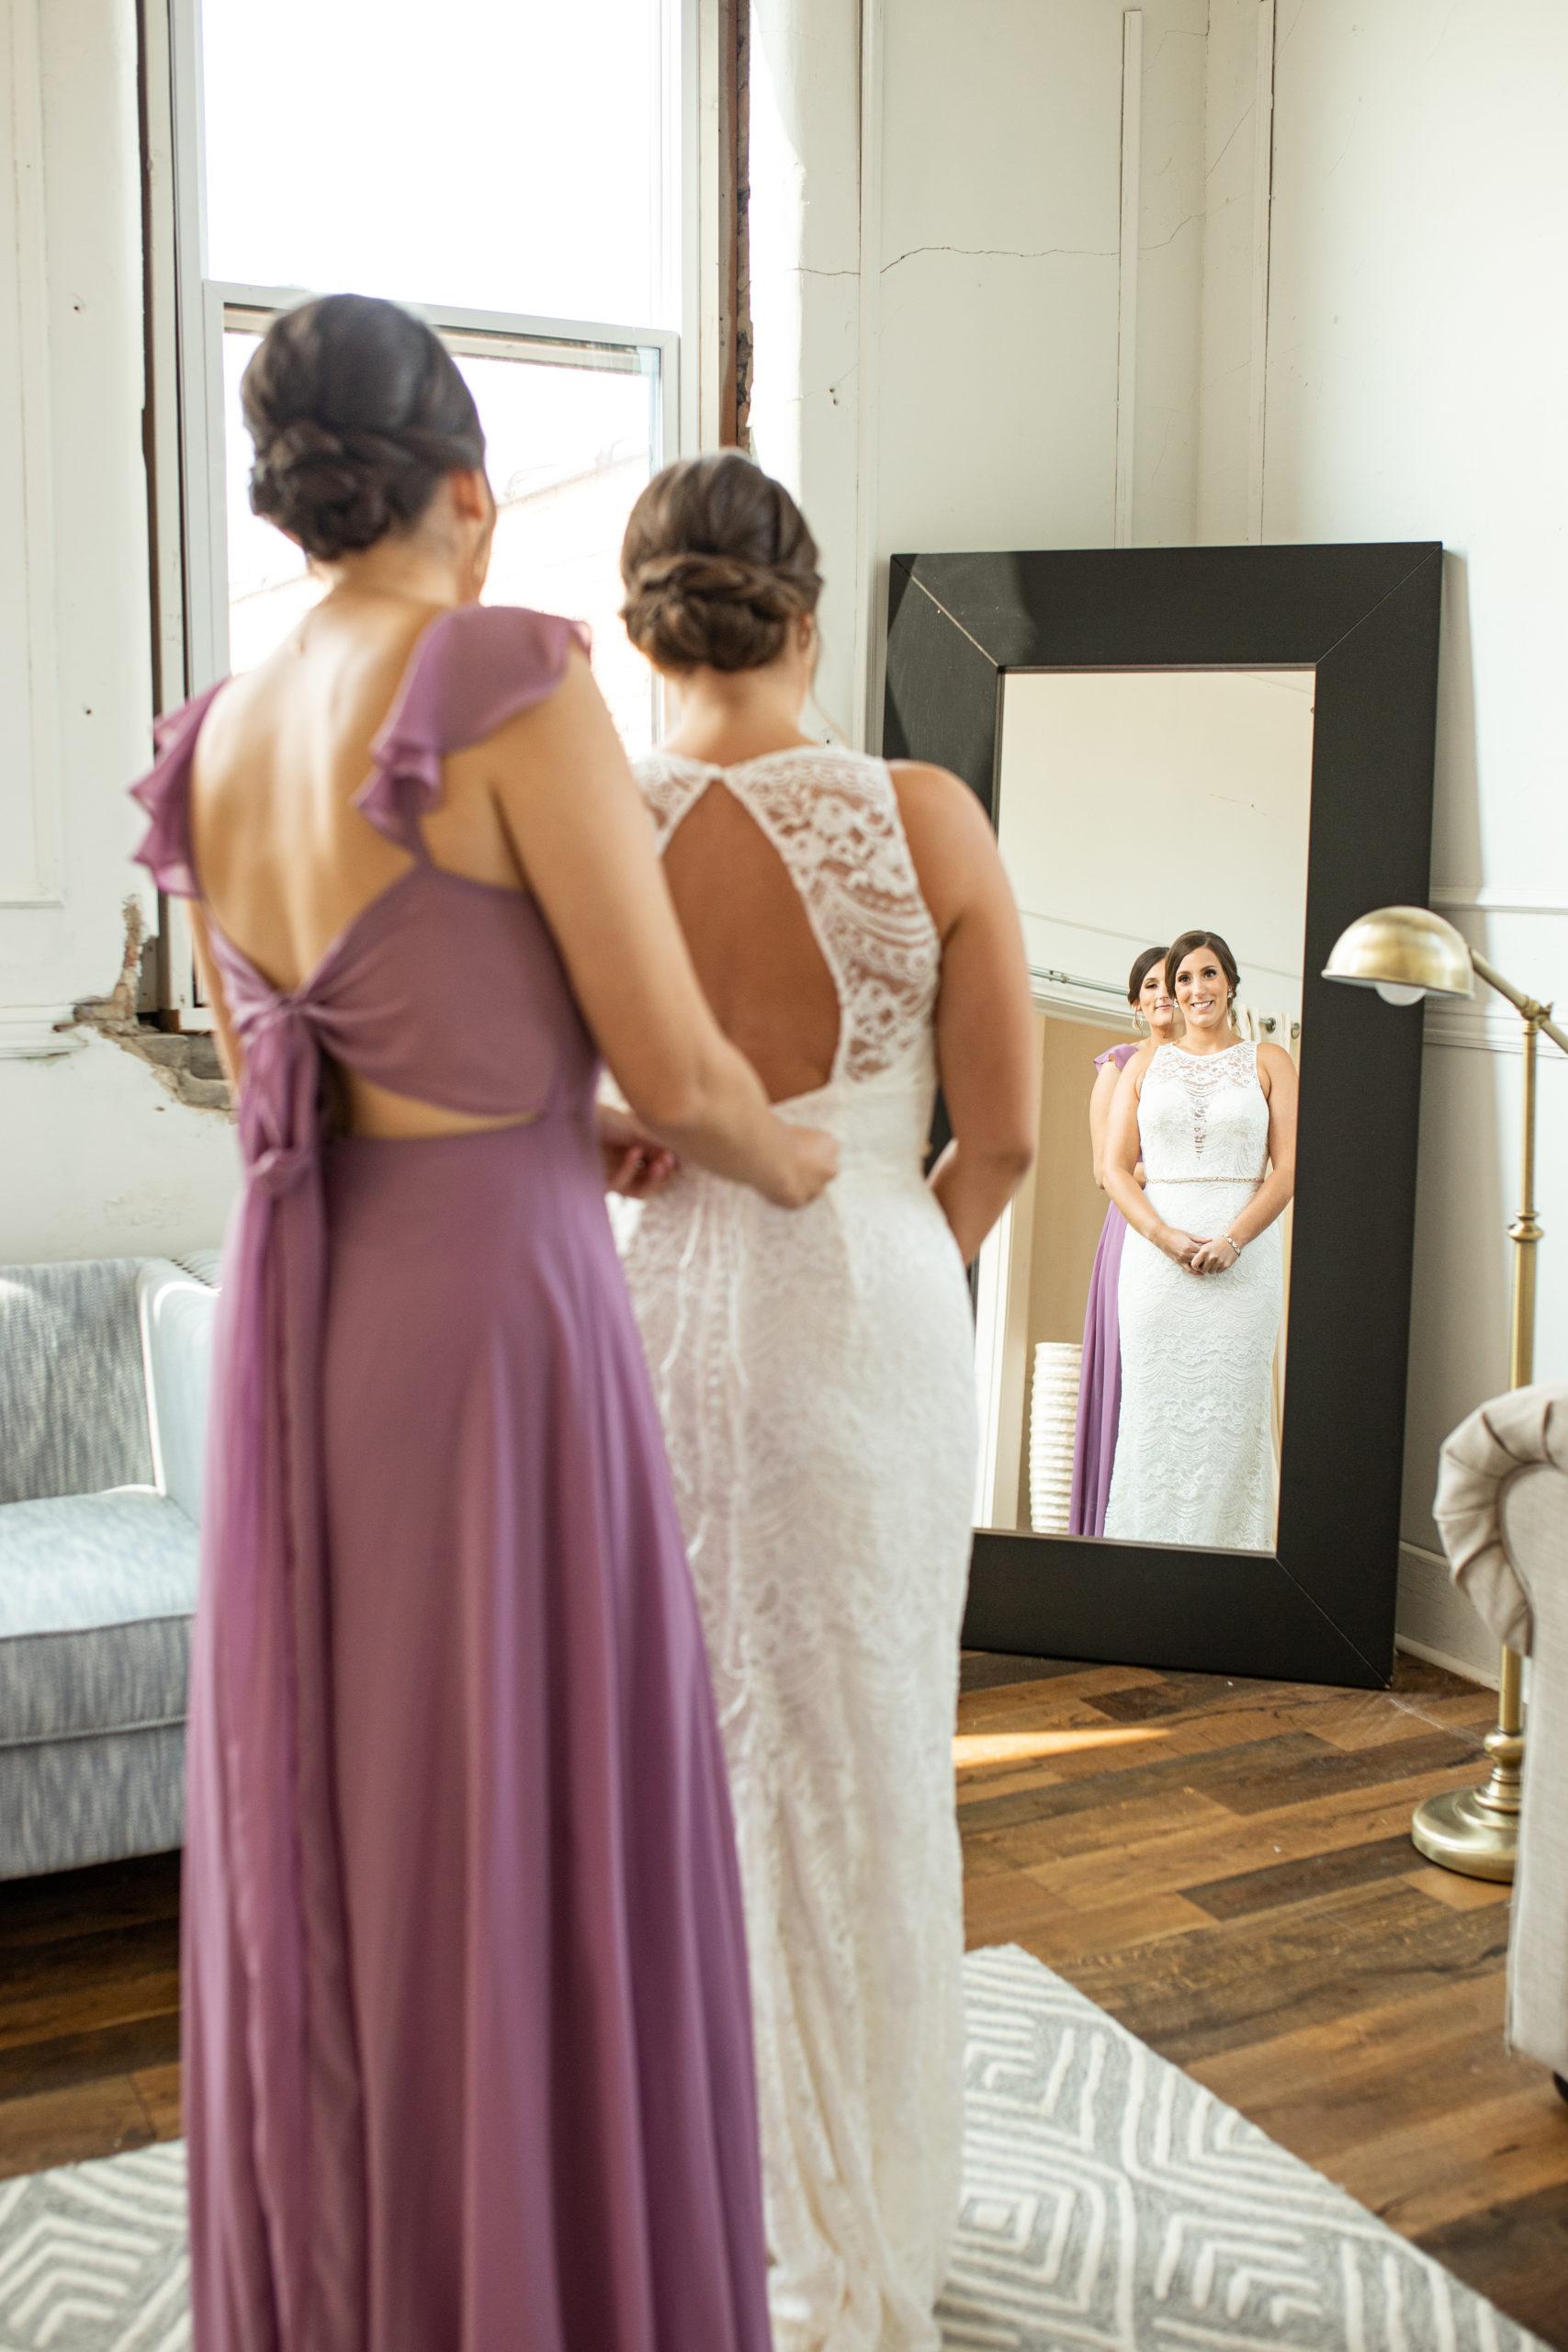 getting ready wedding morning